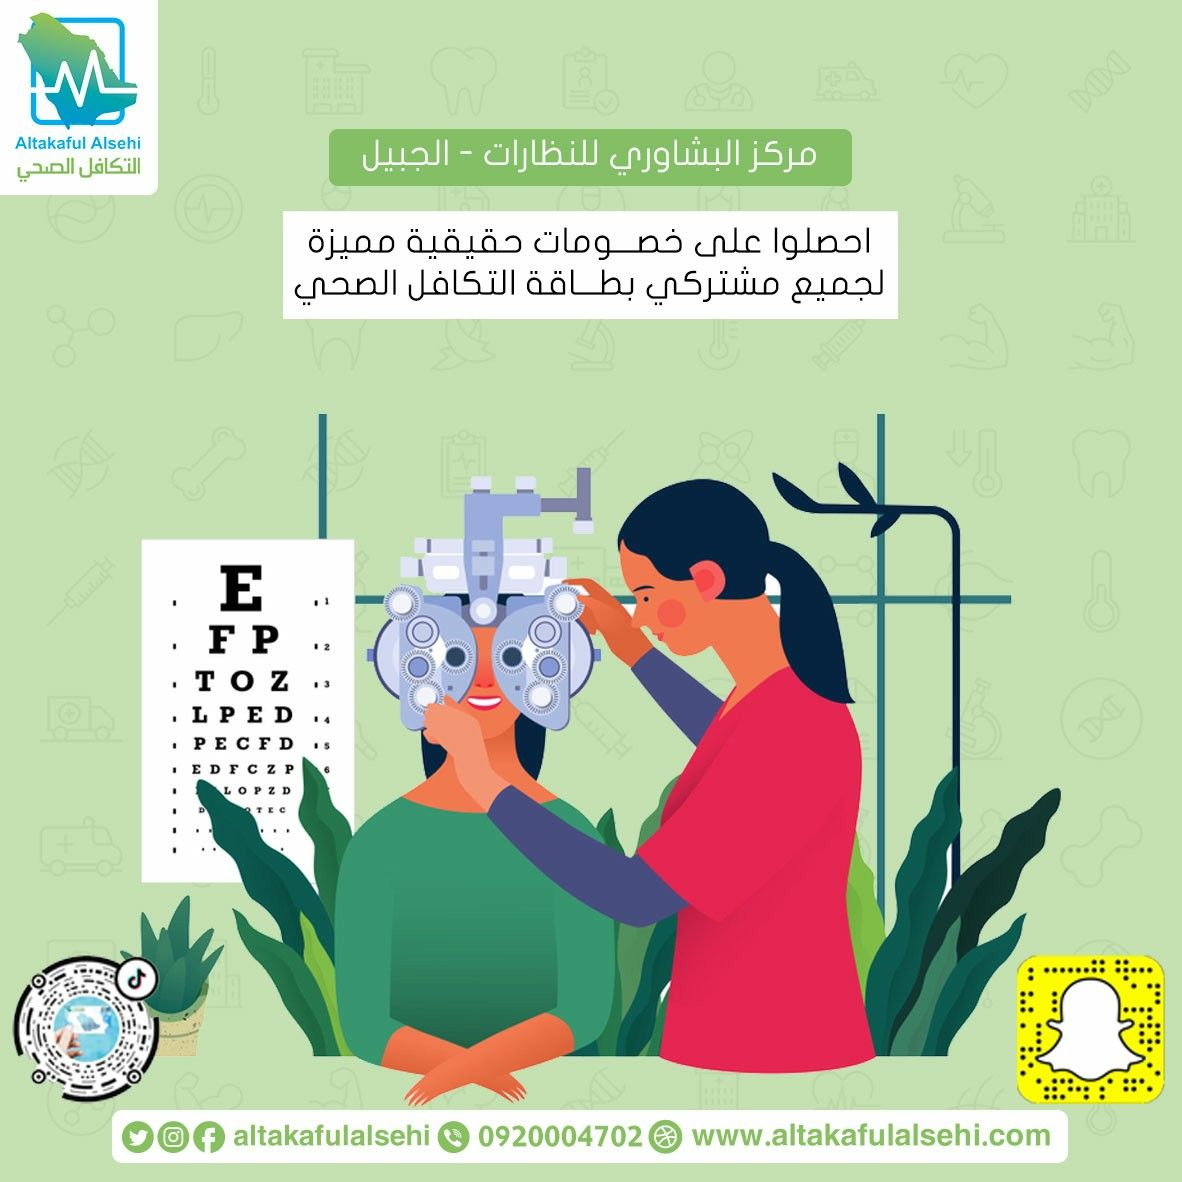 البشاوري للنظارات في الجبيل تساعدكم في الحصول على أجود النظارات الطبية والعدسات بخصومات مميزة على بطاقة التكافل الصحي Https Health Insurance Ecard Meme Memes